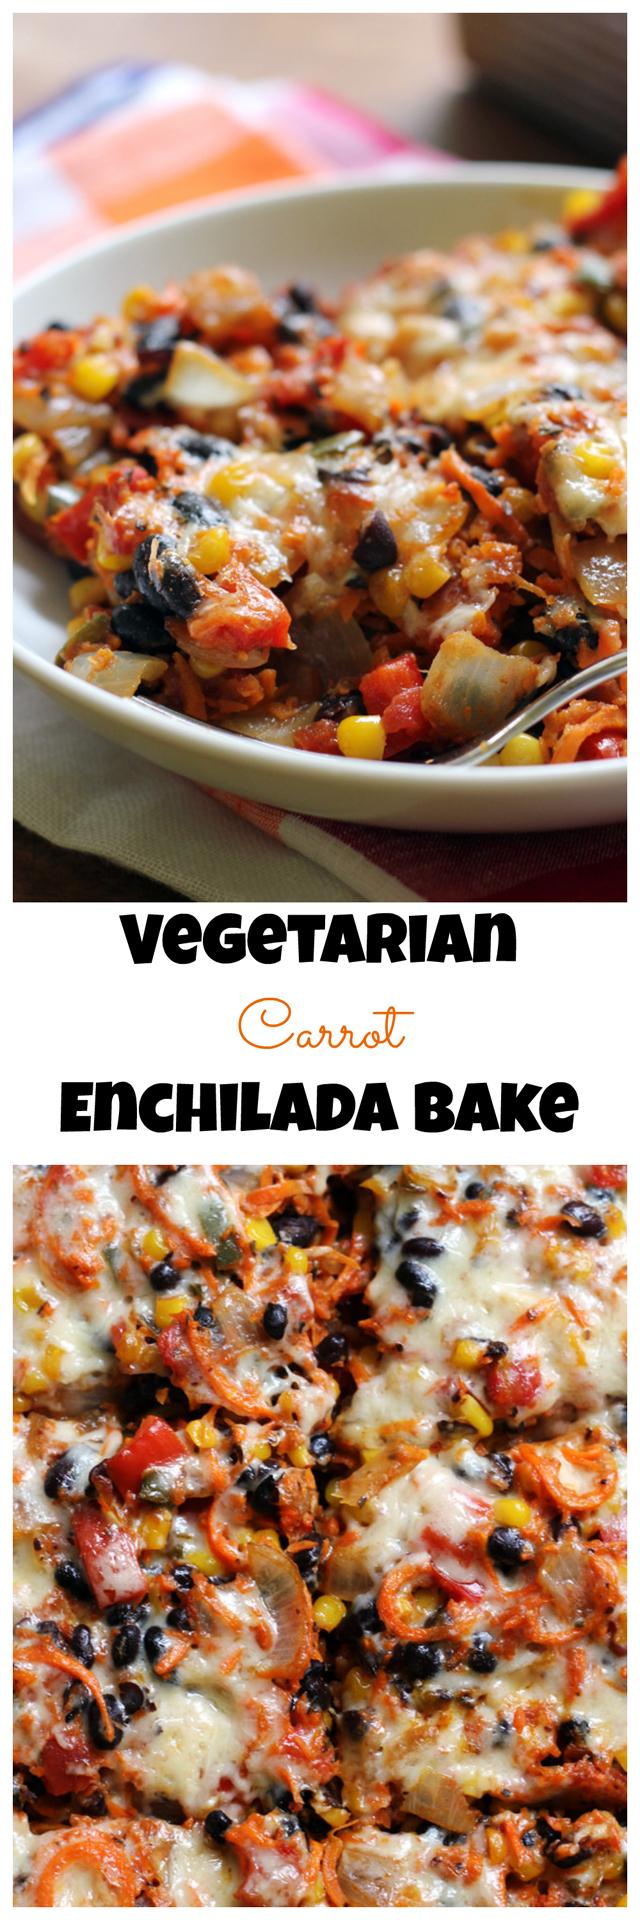 Vegetarian Carrot Enchilada Bake